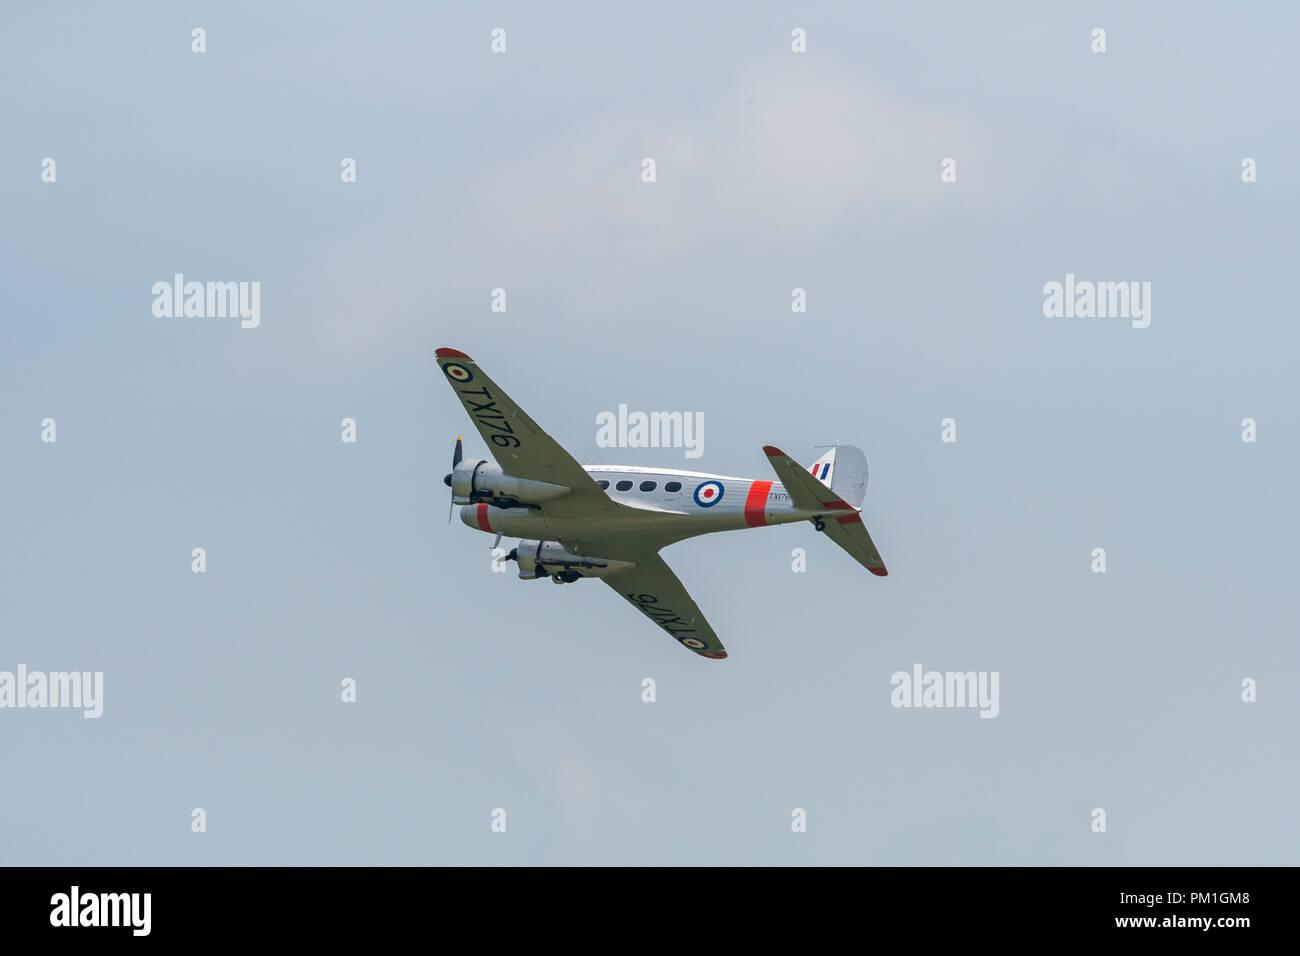 TELFORD, Regno Unito, 10 giugno 2018 - una fotografia di documentare un assolo di visualizzazione di un Avro C19 Anson per celebrare il centenario della RAF Immagini Stock